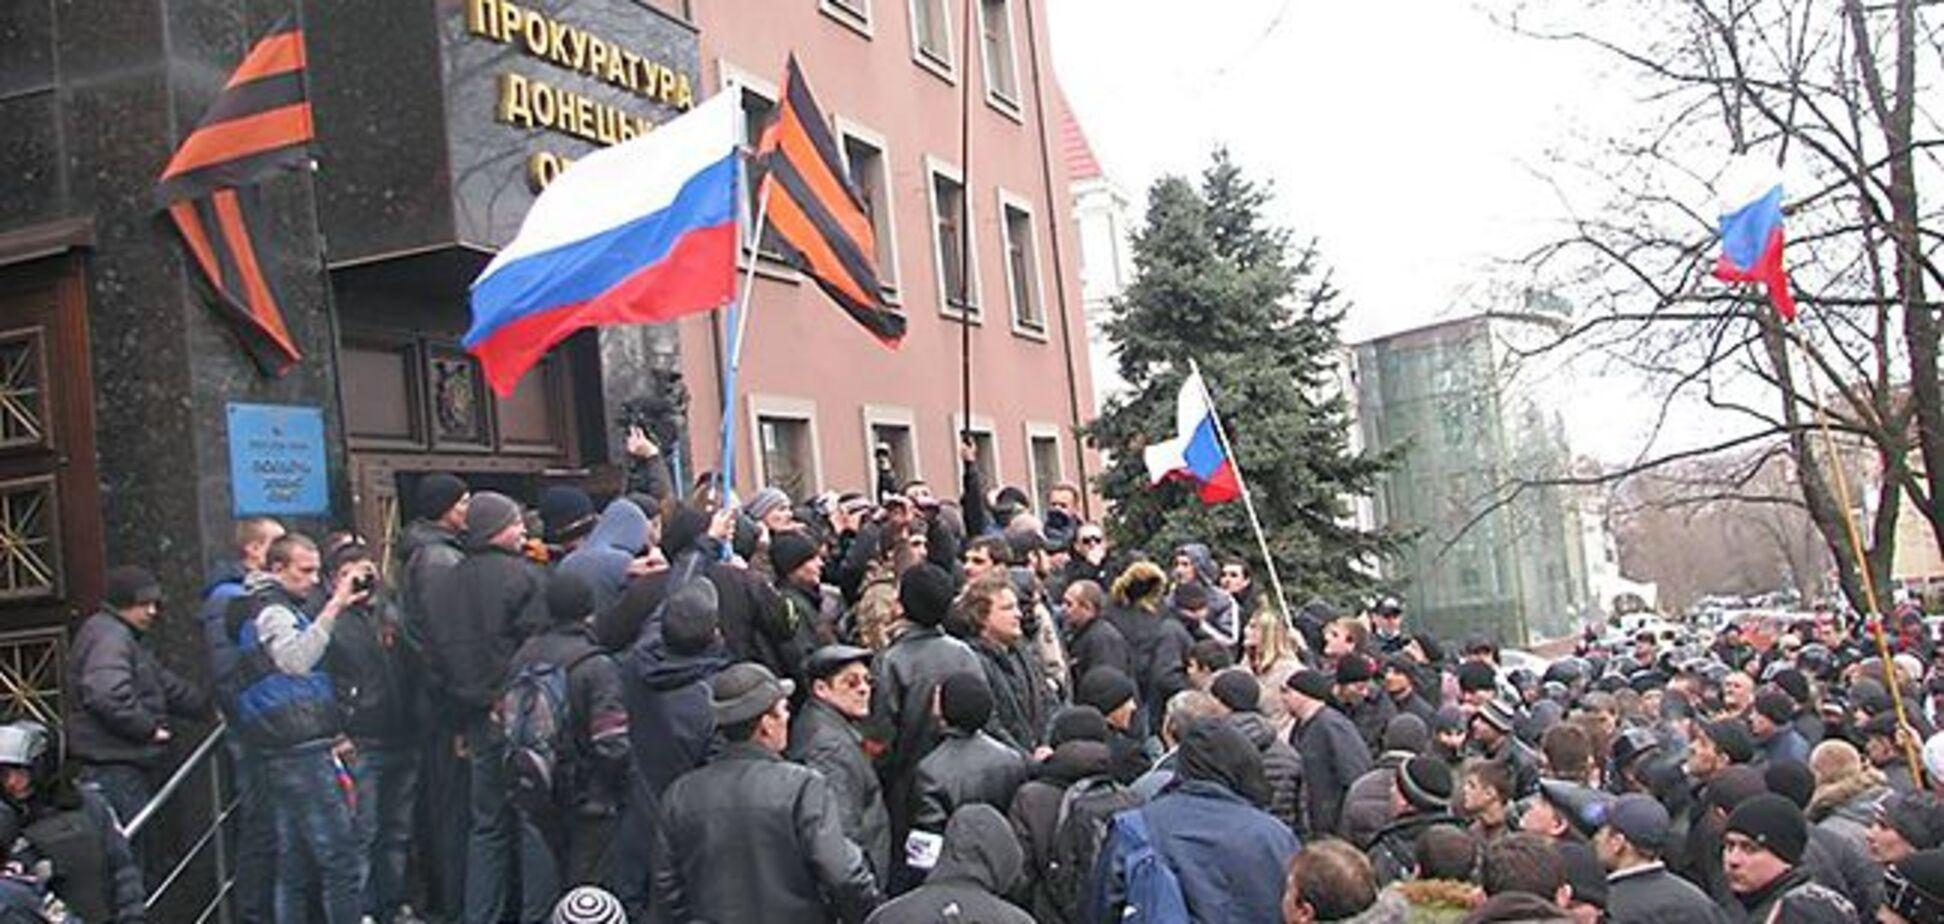 Еще в 2012 году: Парубий рассказал, как готовился захват Украины